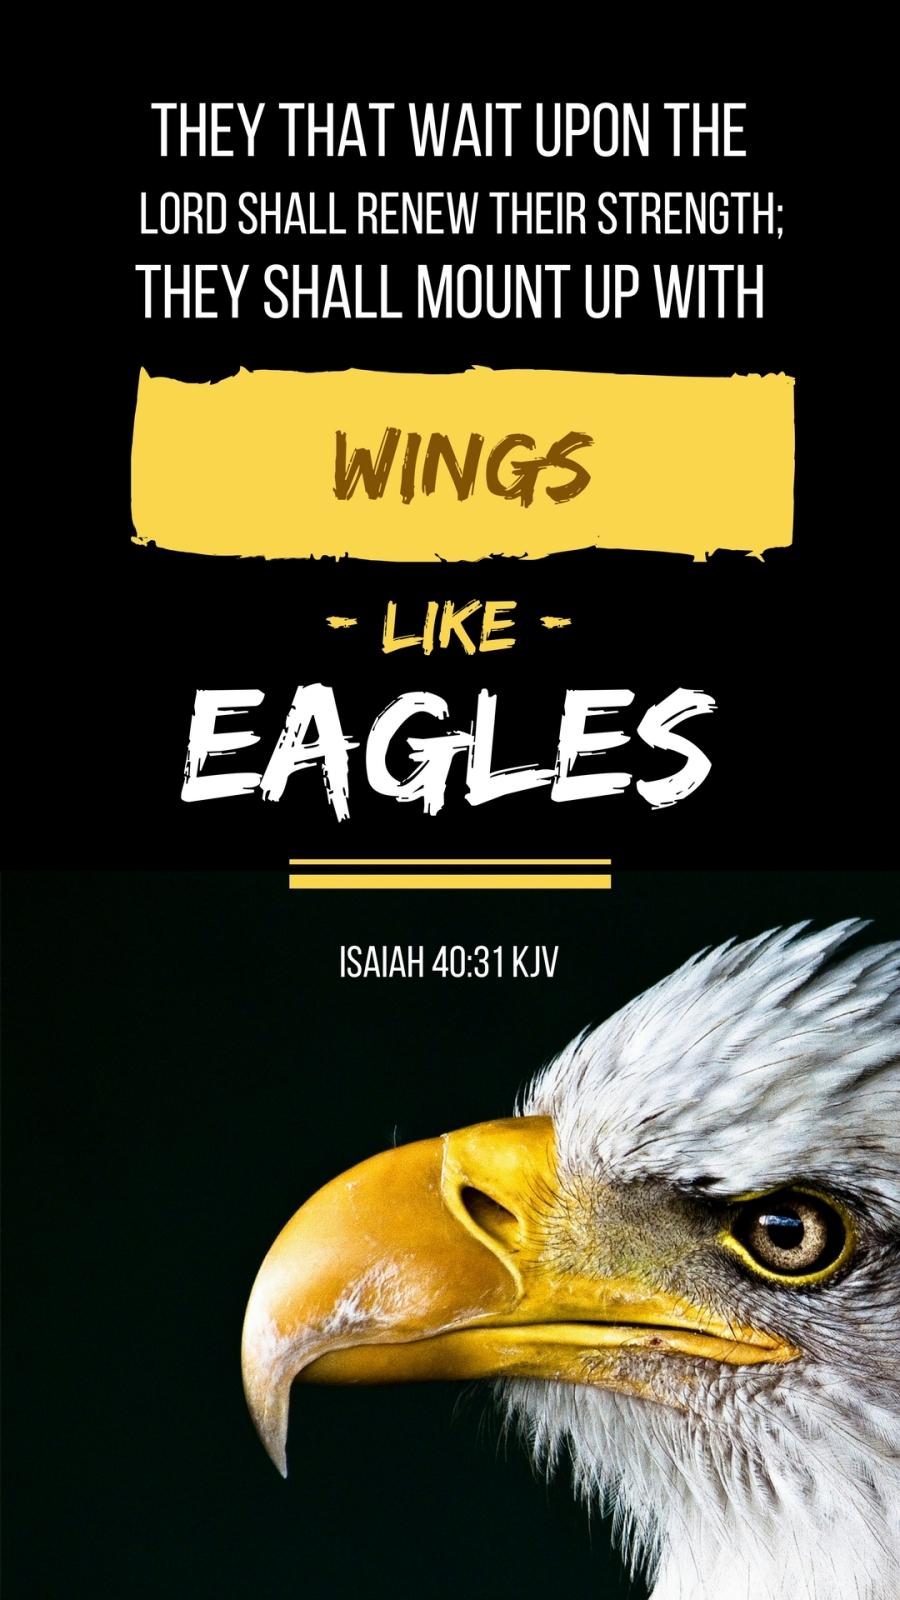 Isaiah40-31KJV (2).jpg